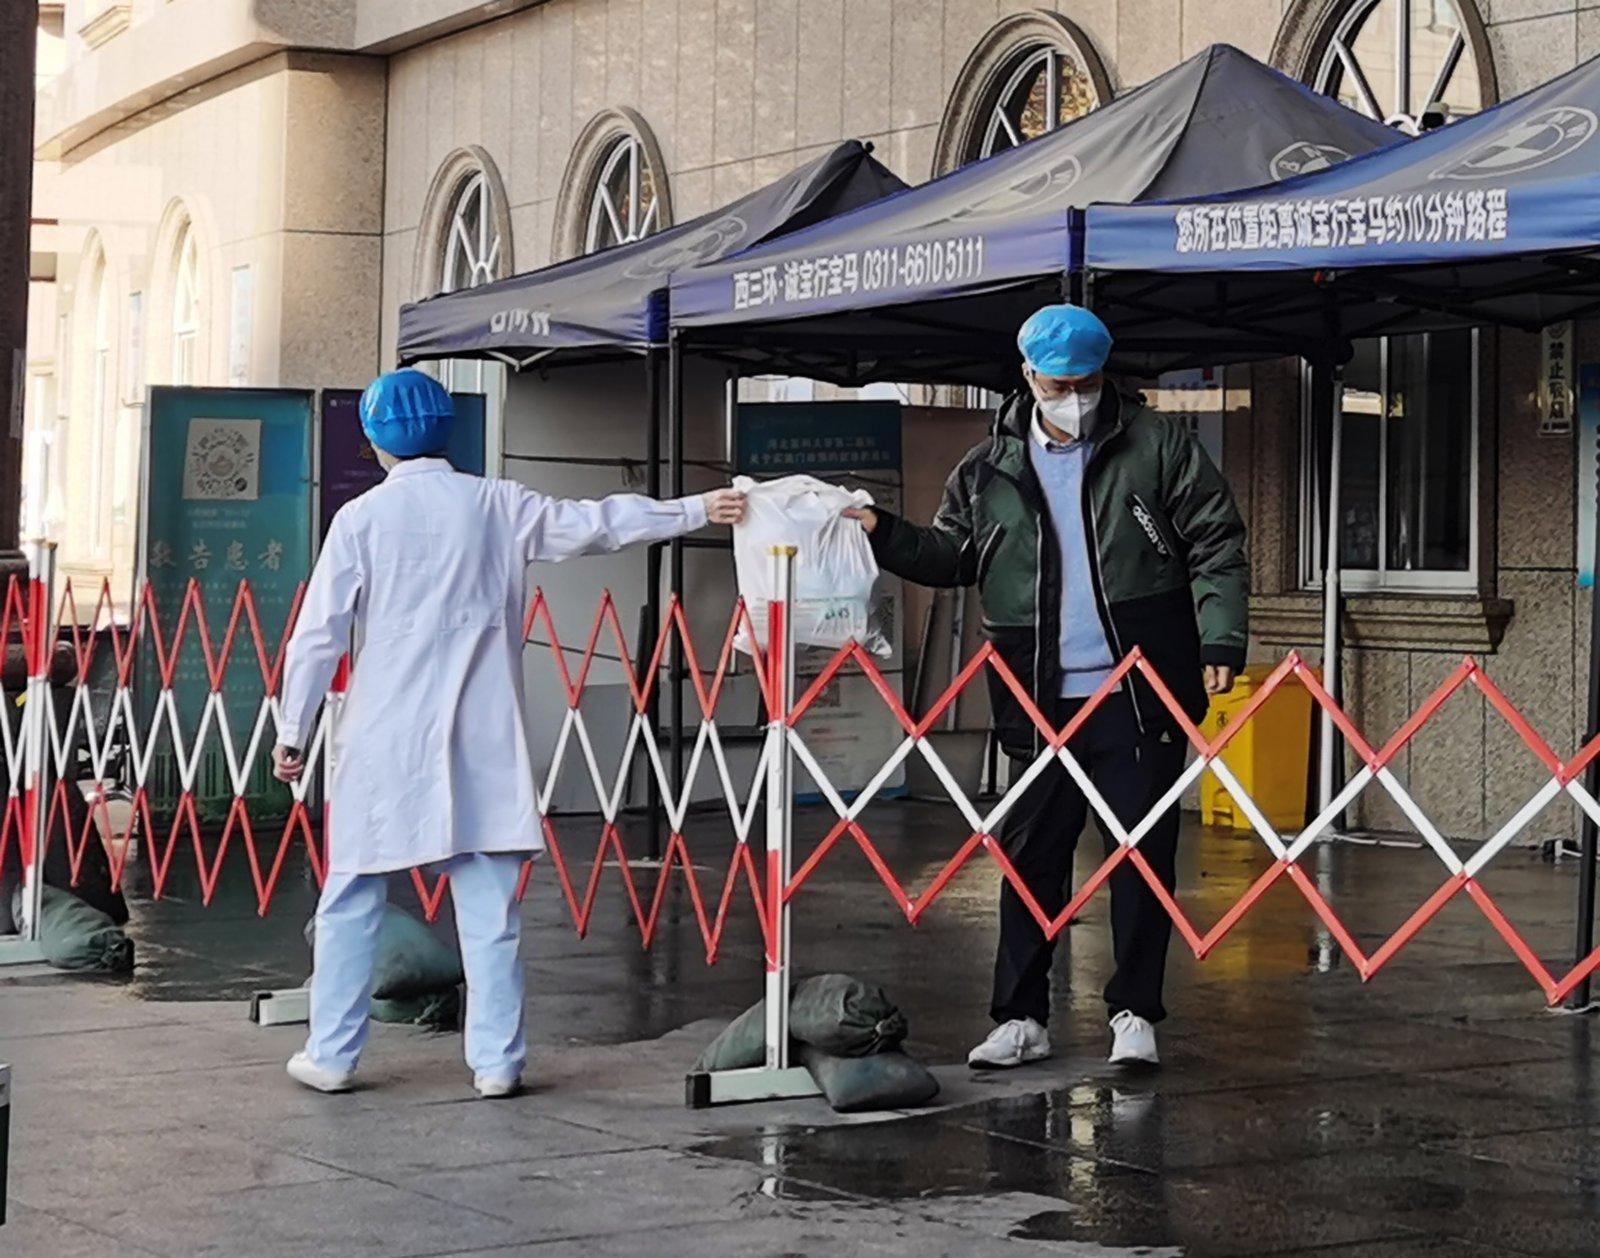 1月5日,河北醫科大學附屬第二醫院急診樓封閉,工作人員隔着圍欄交接物品。(中新社)